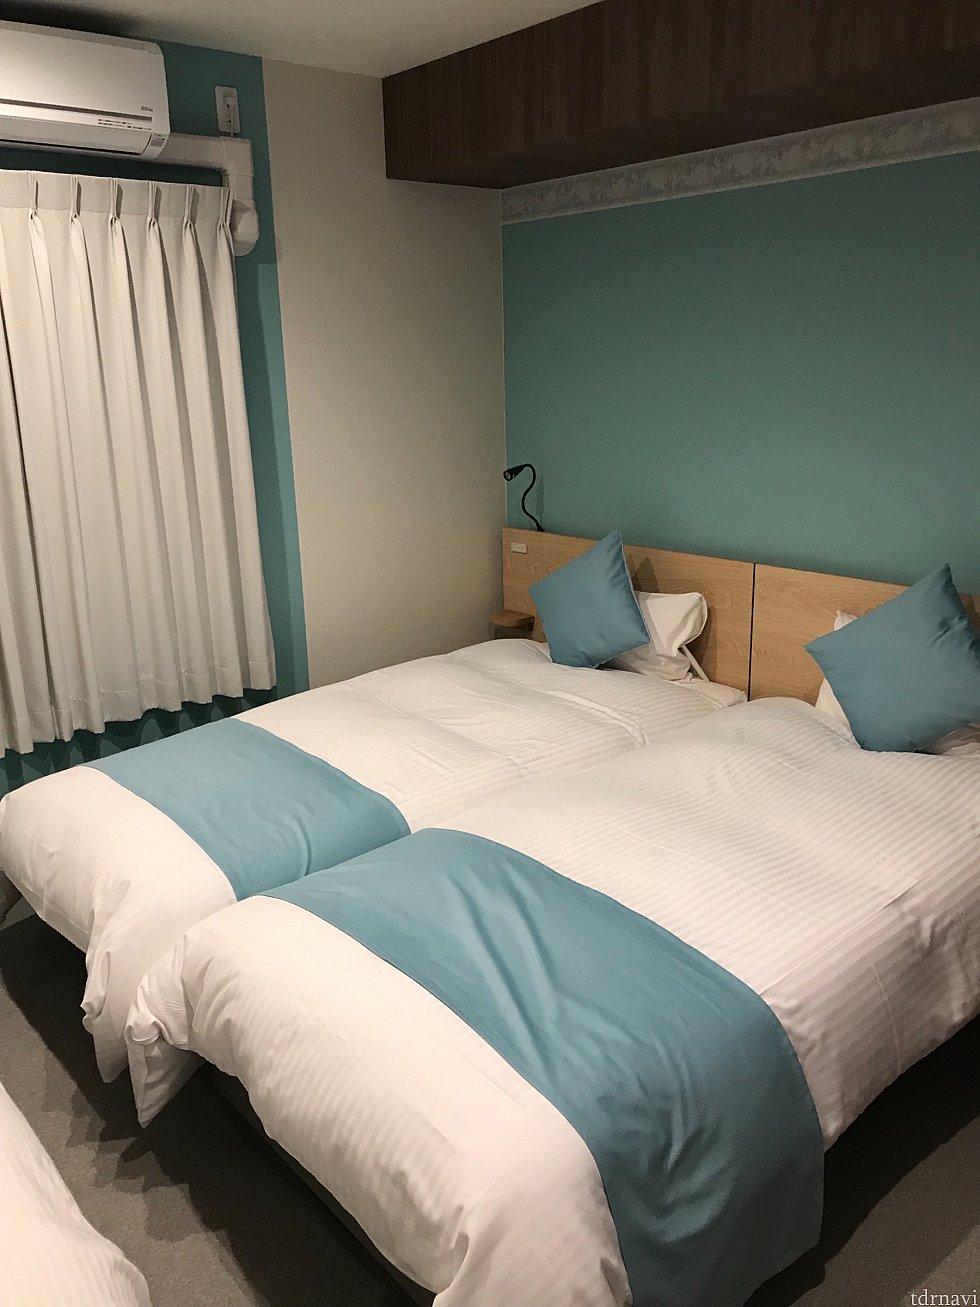 部屋は3人宿泊出来る部屋でした。